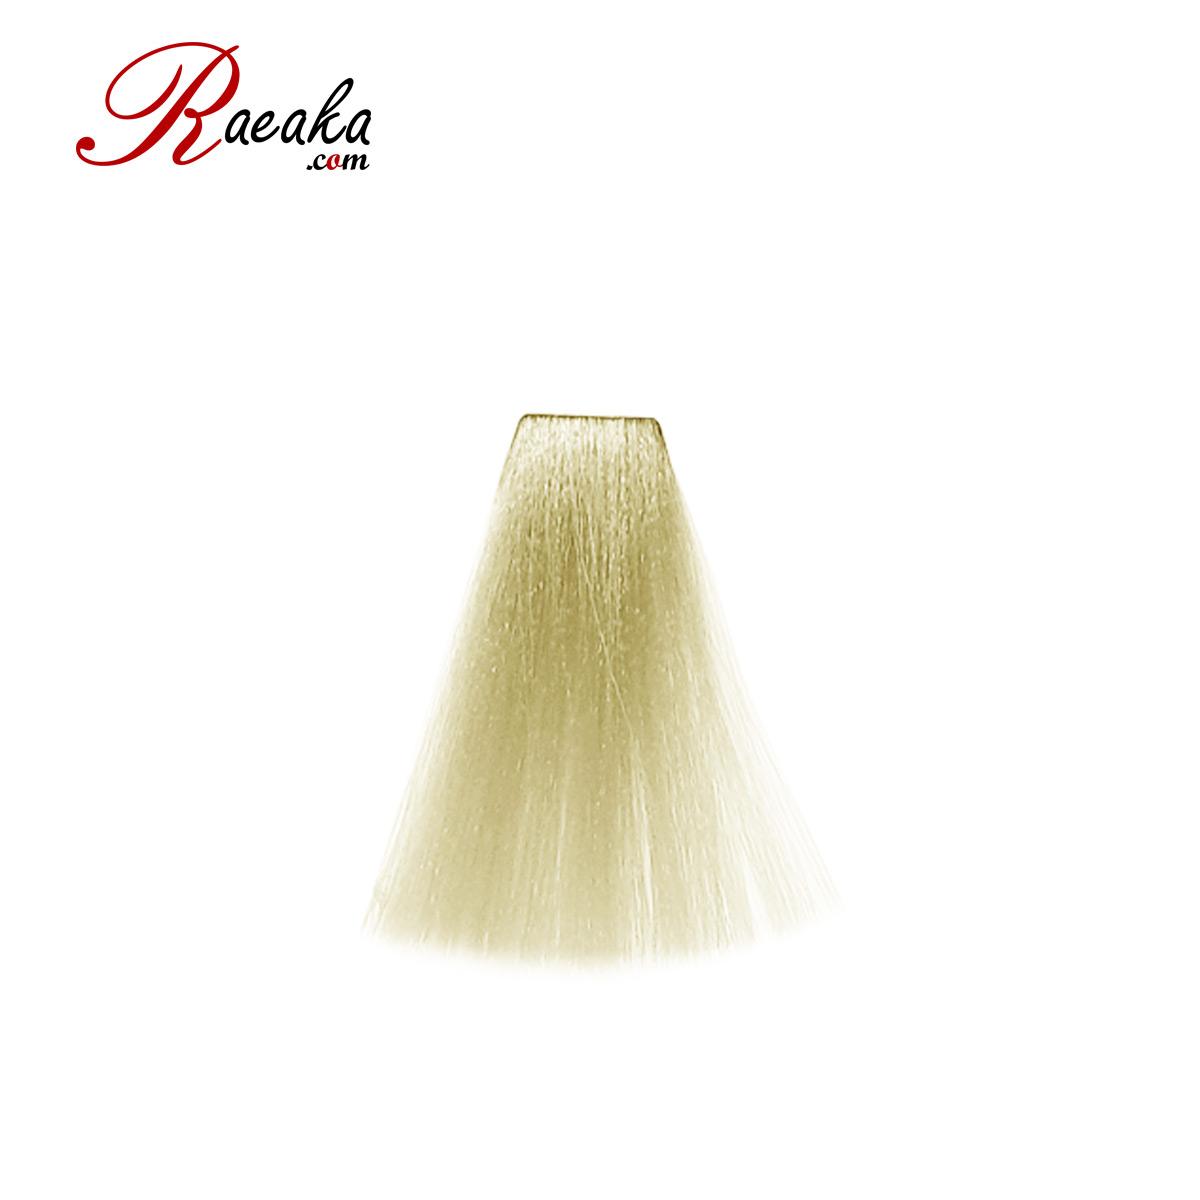 رنگ مو دوشس سری هایلایت حرفه ای شماره 37-12 حجم 125 میلی لیتر